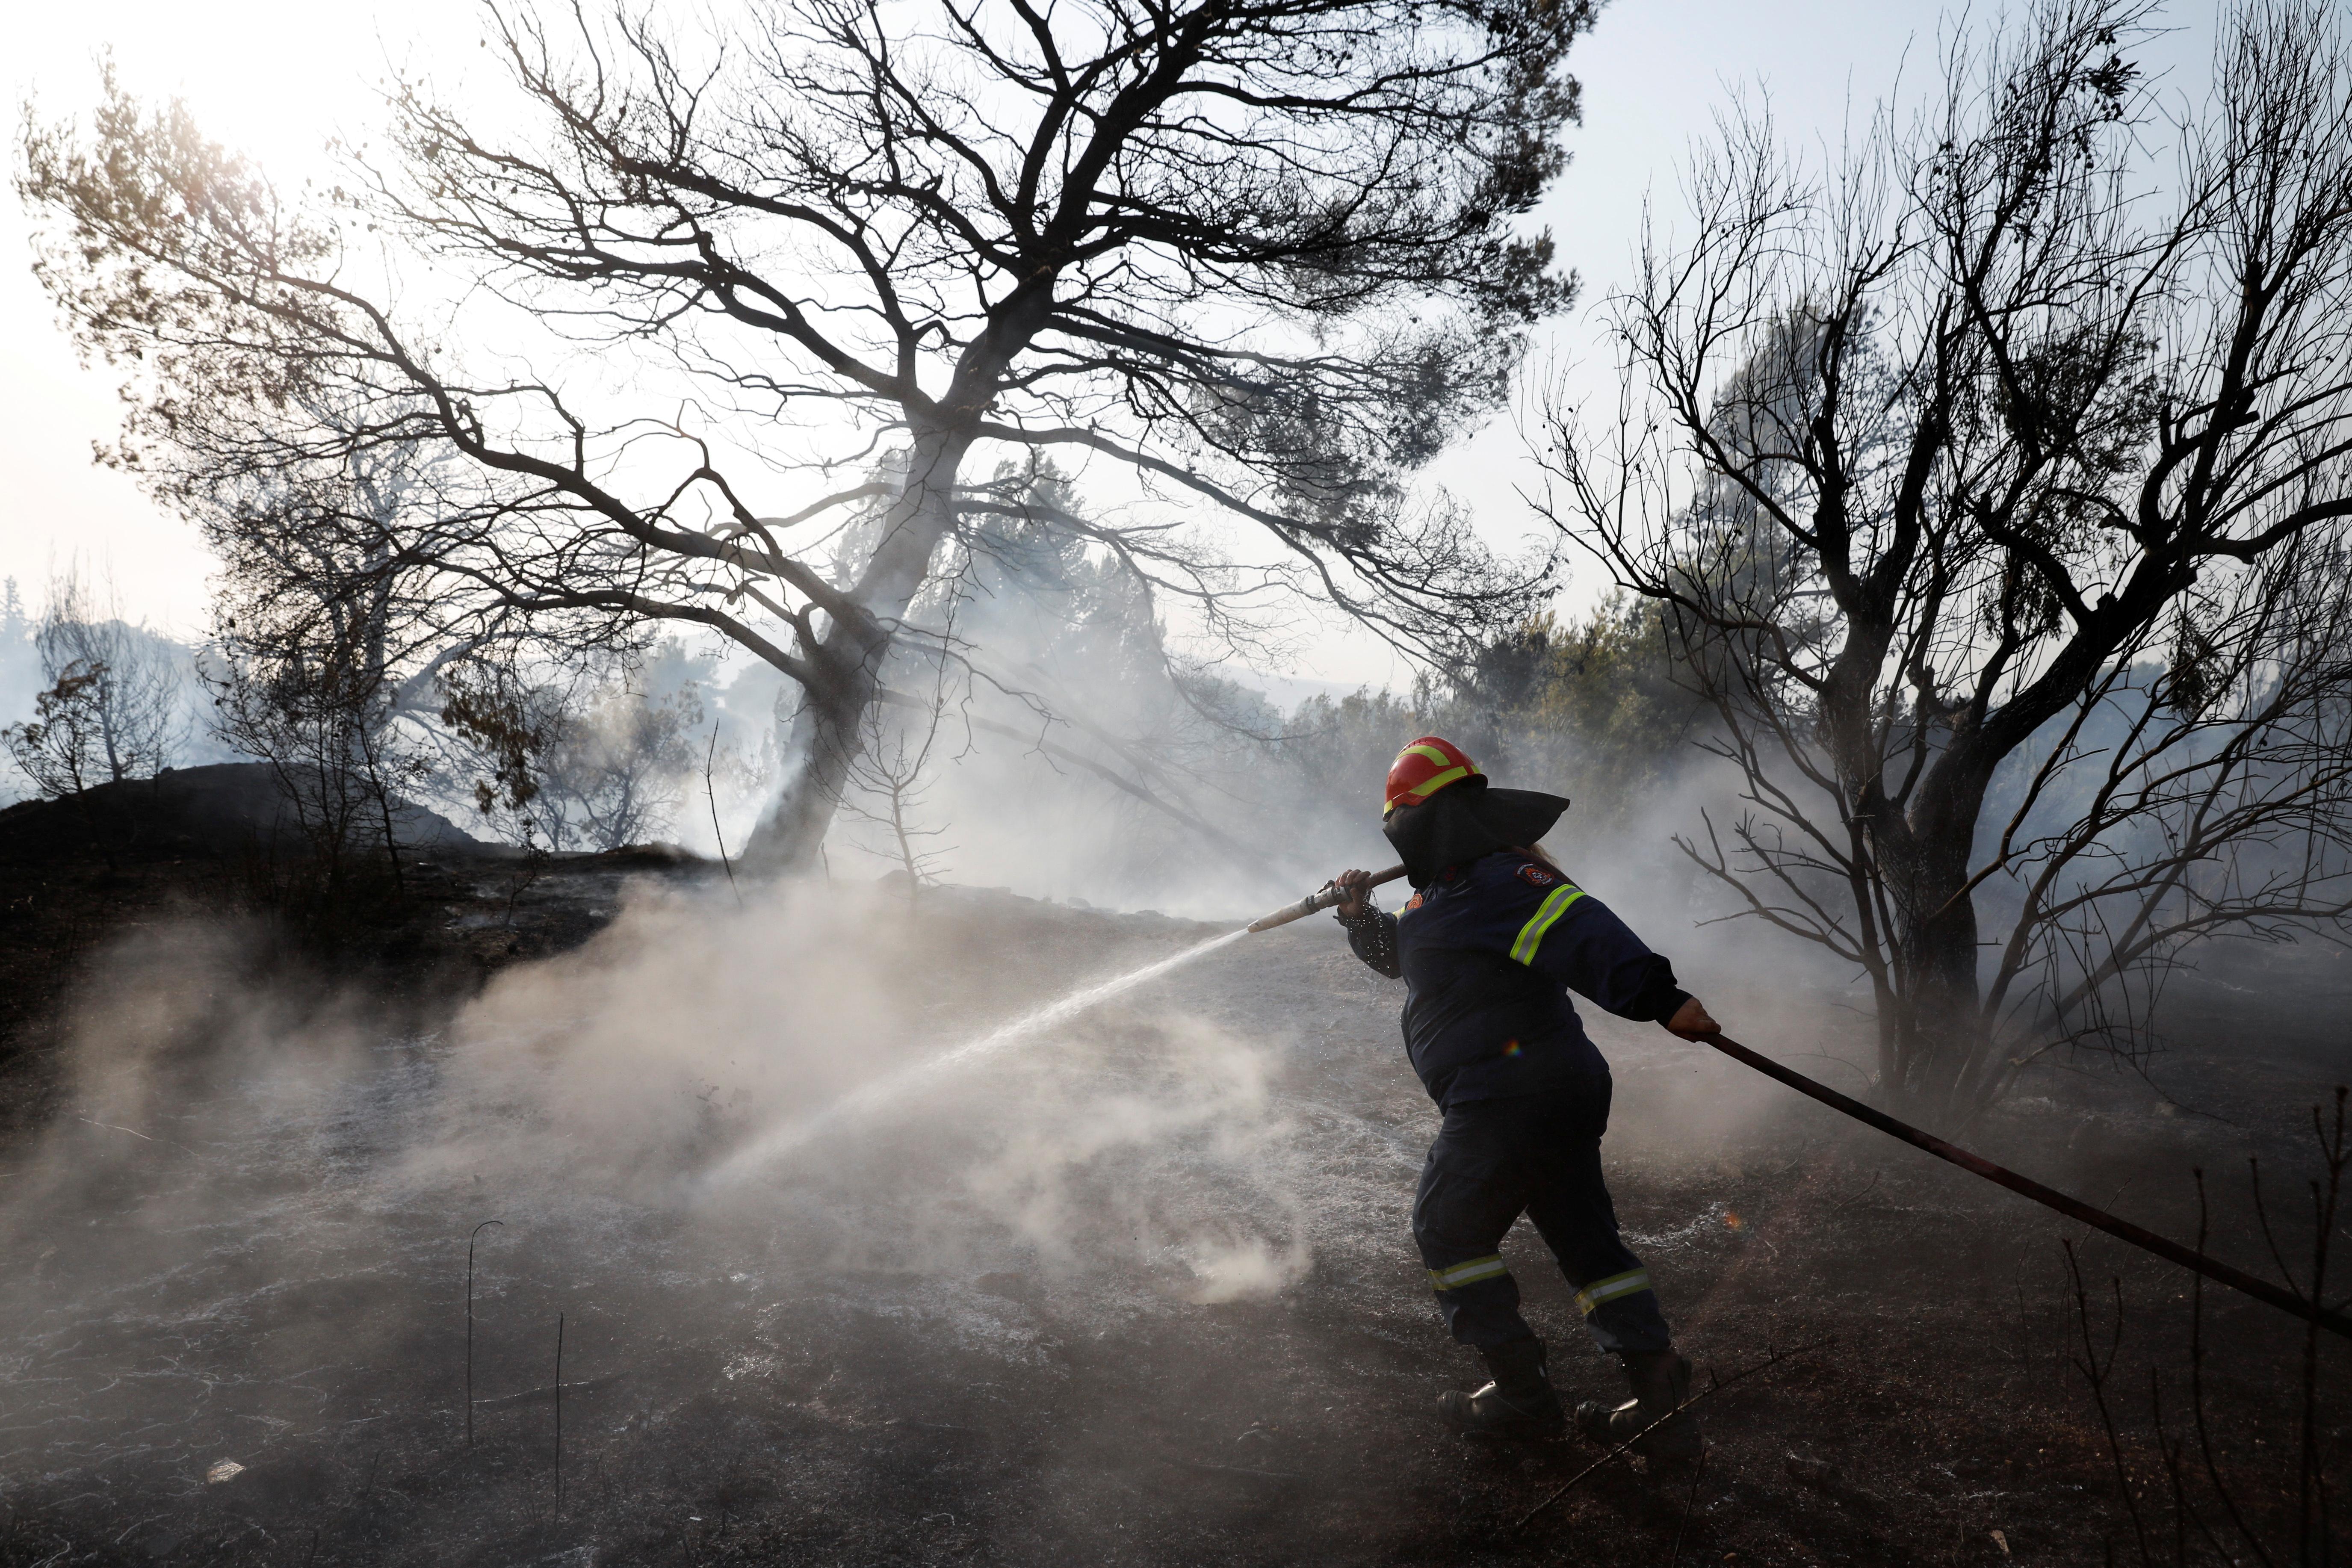 Vatrogasac prska vodu u pokušaju da pomogne u suzbijanju požara u predgrađu Varympompi sjeverno od Atene, Grčka, 4. kolovoza 2021. REUTERS/Costas Baltas